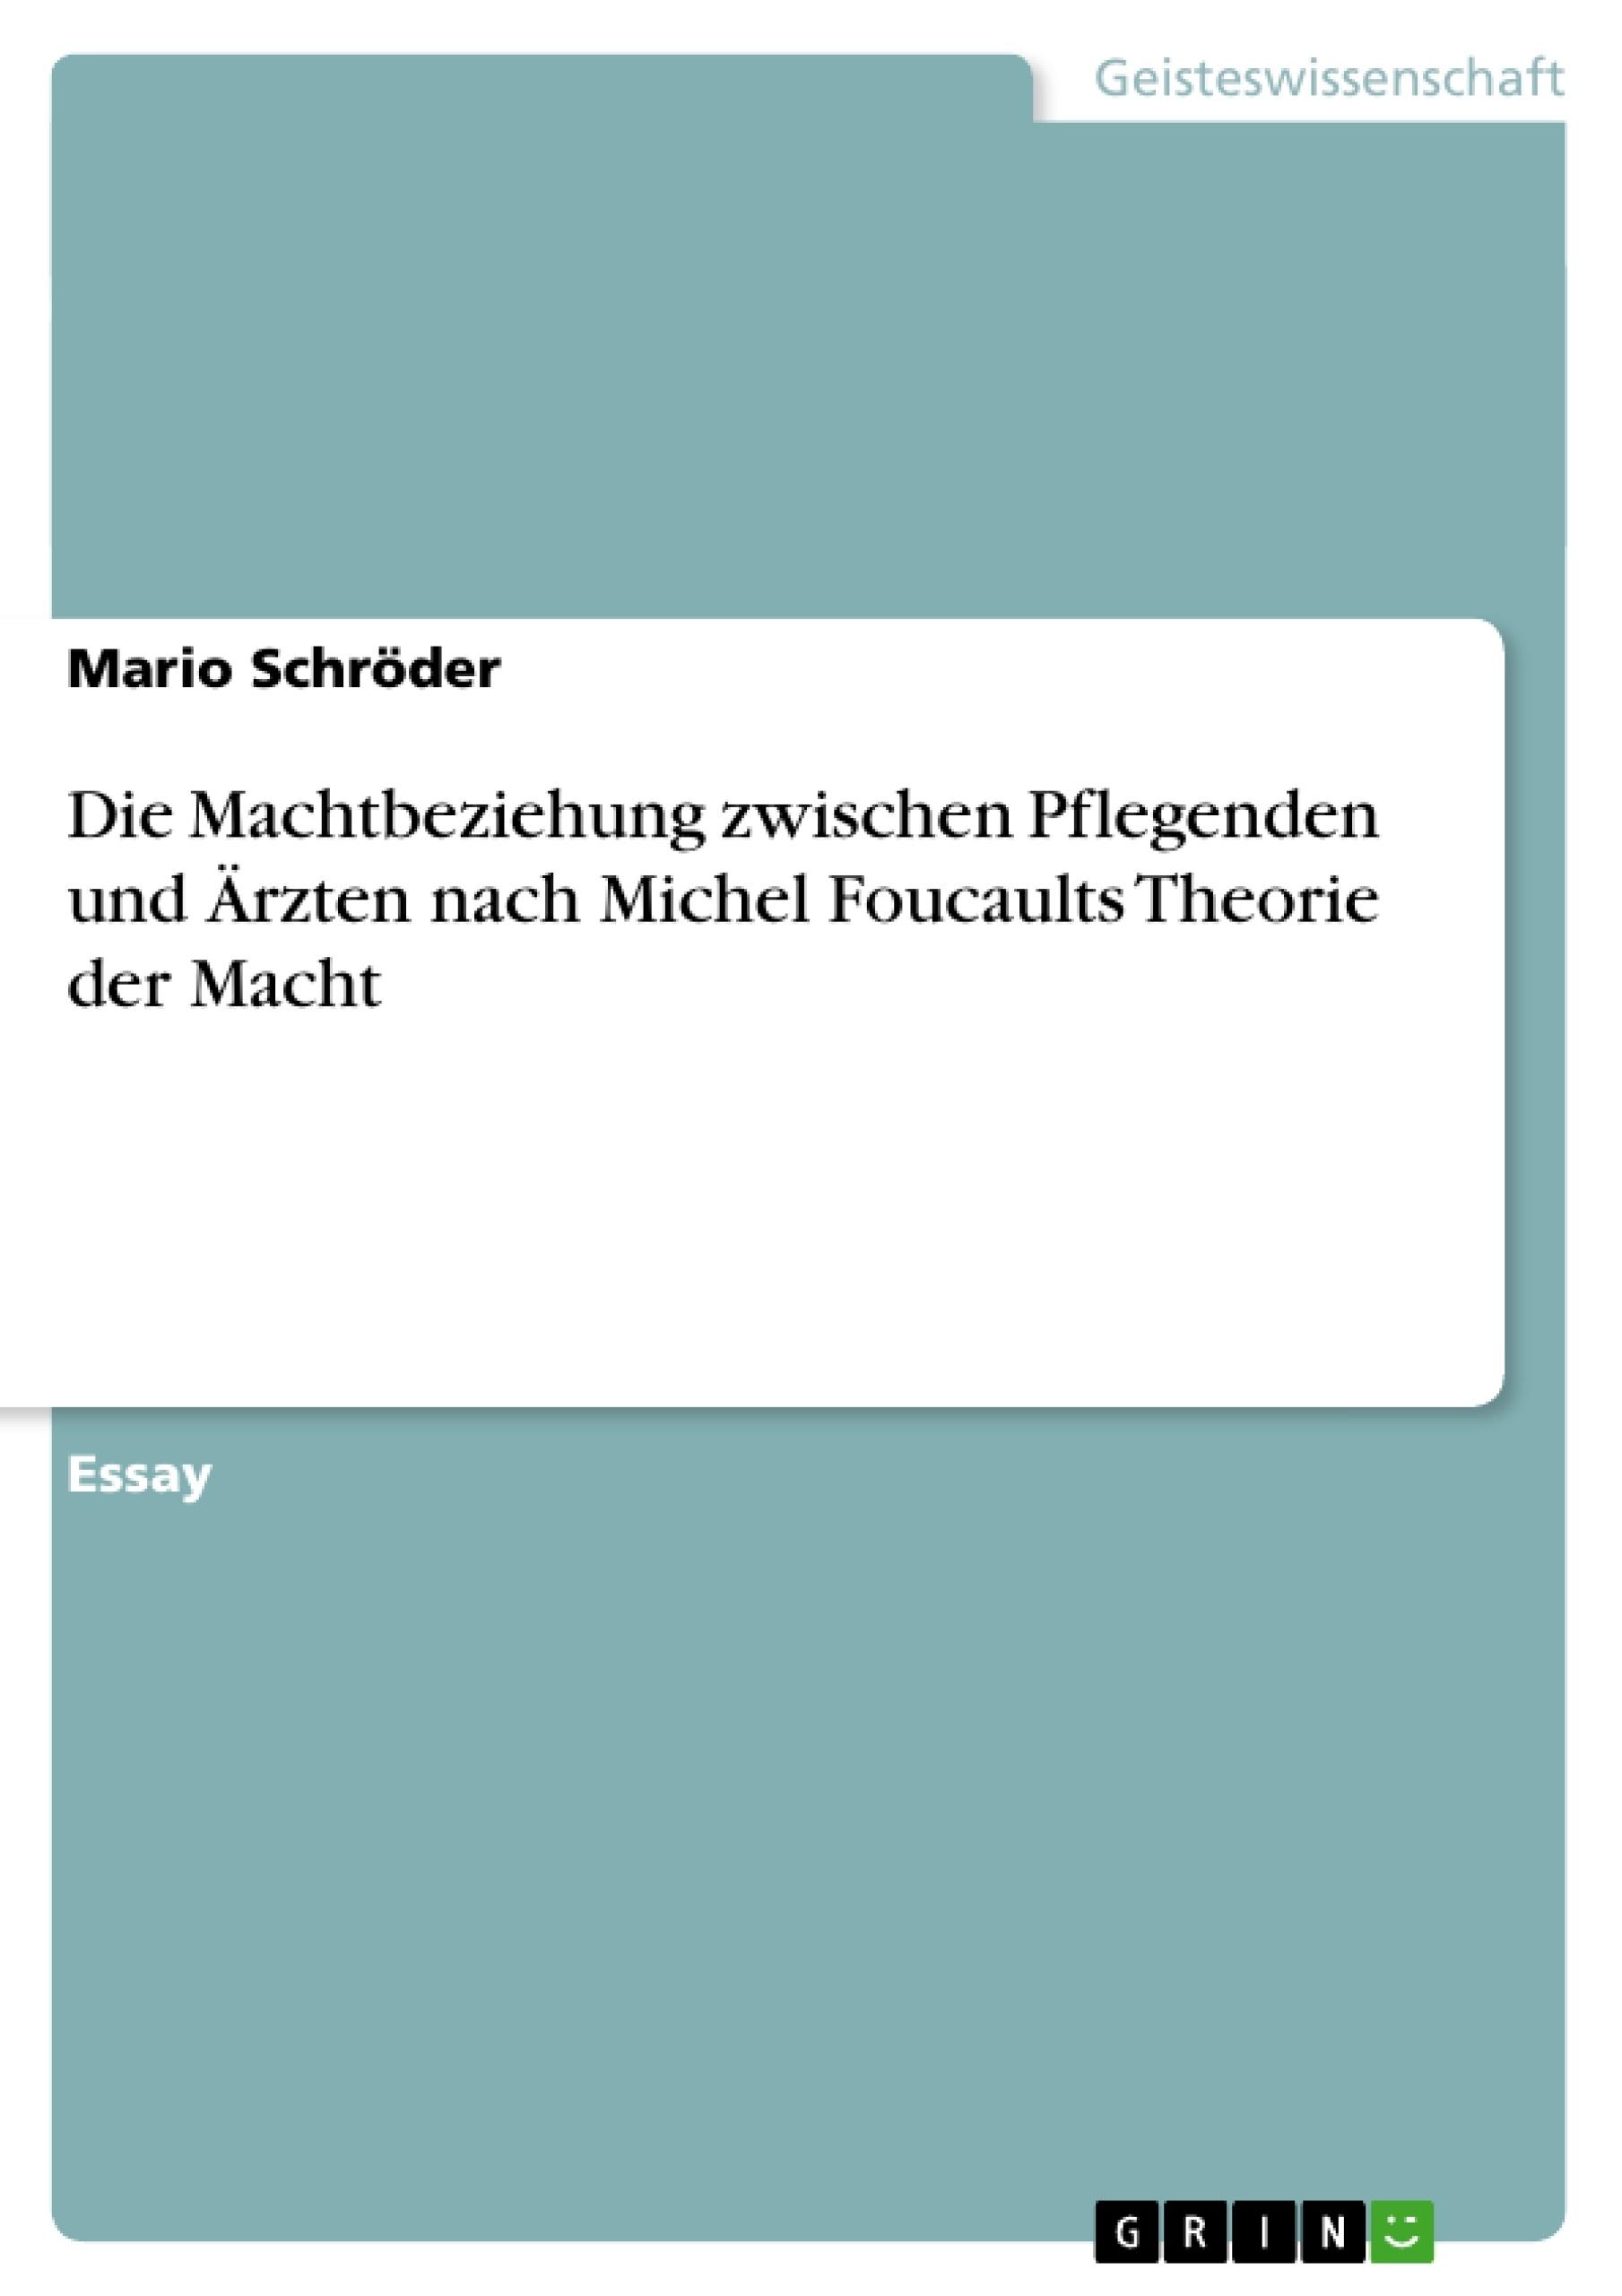 Titel: Die Machtbeziehung zwischen Pflegenden und Ärzten nach Michel Foucaults Theorie der Macht